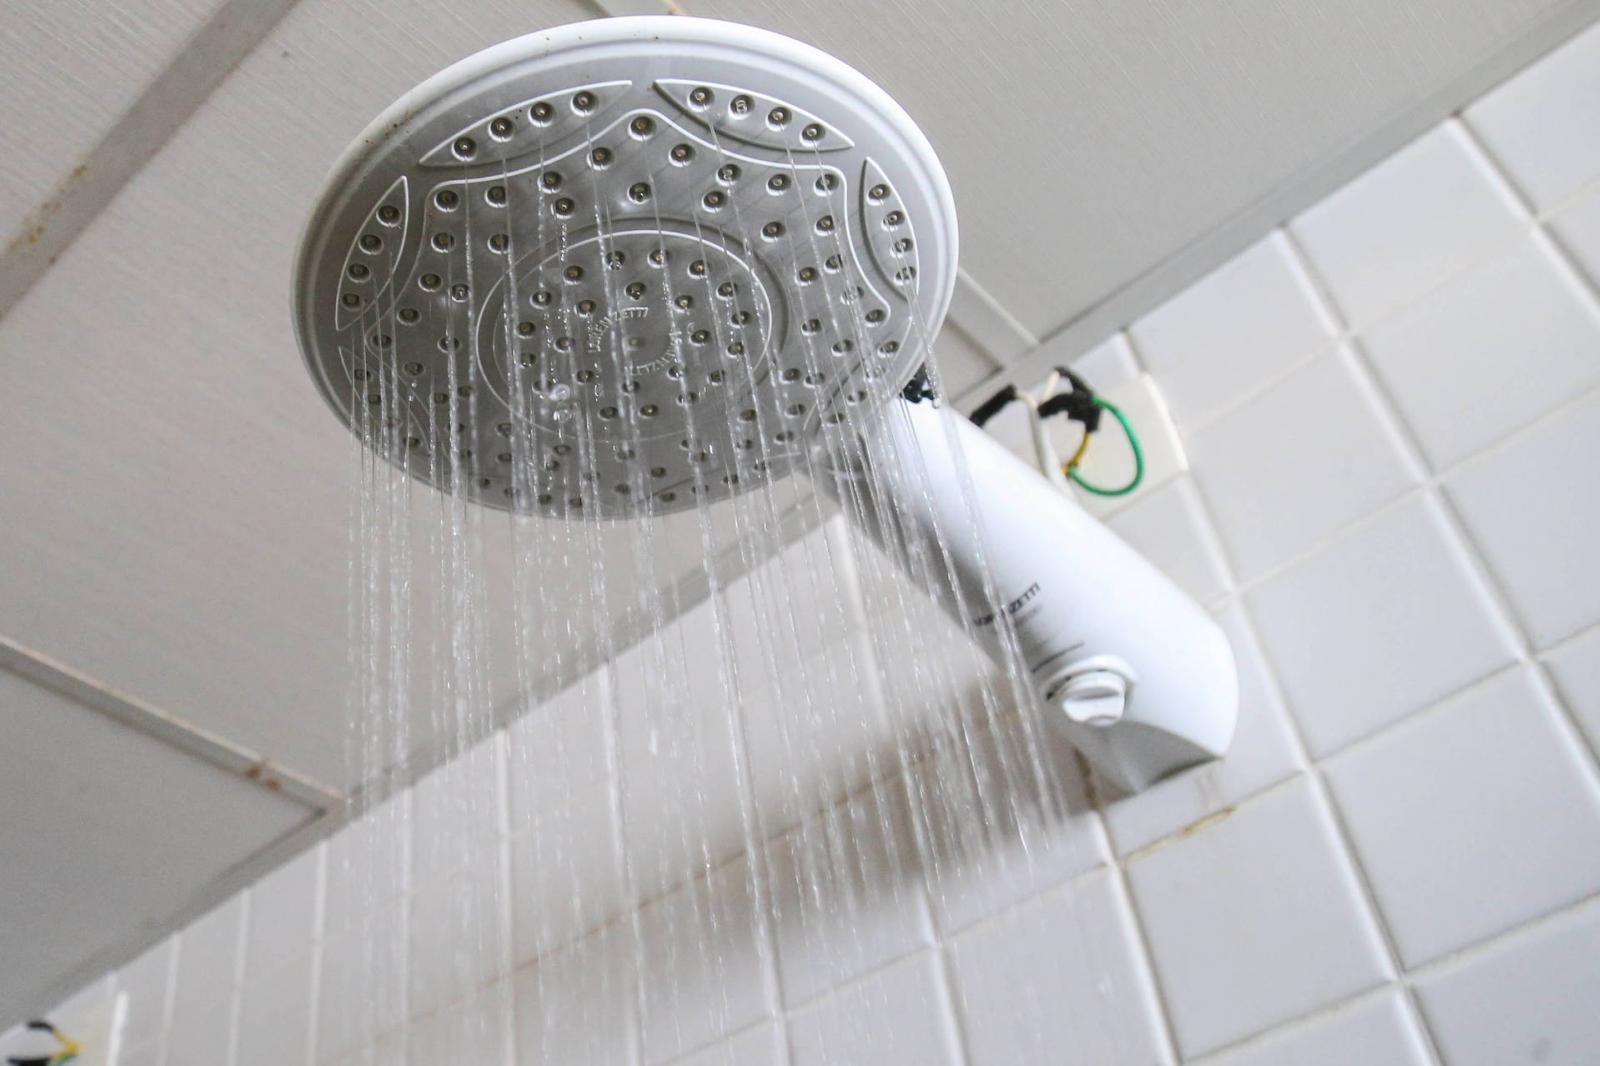 Copel alerta que chuveiro responde por 25% da conta de luz